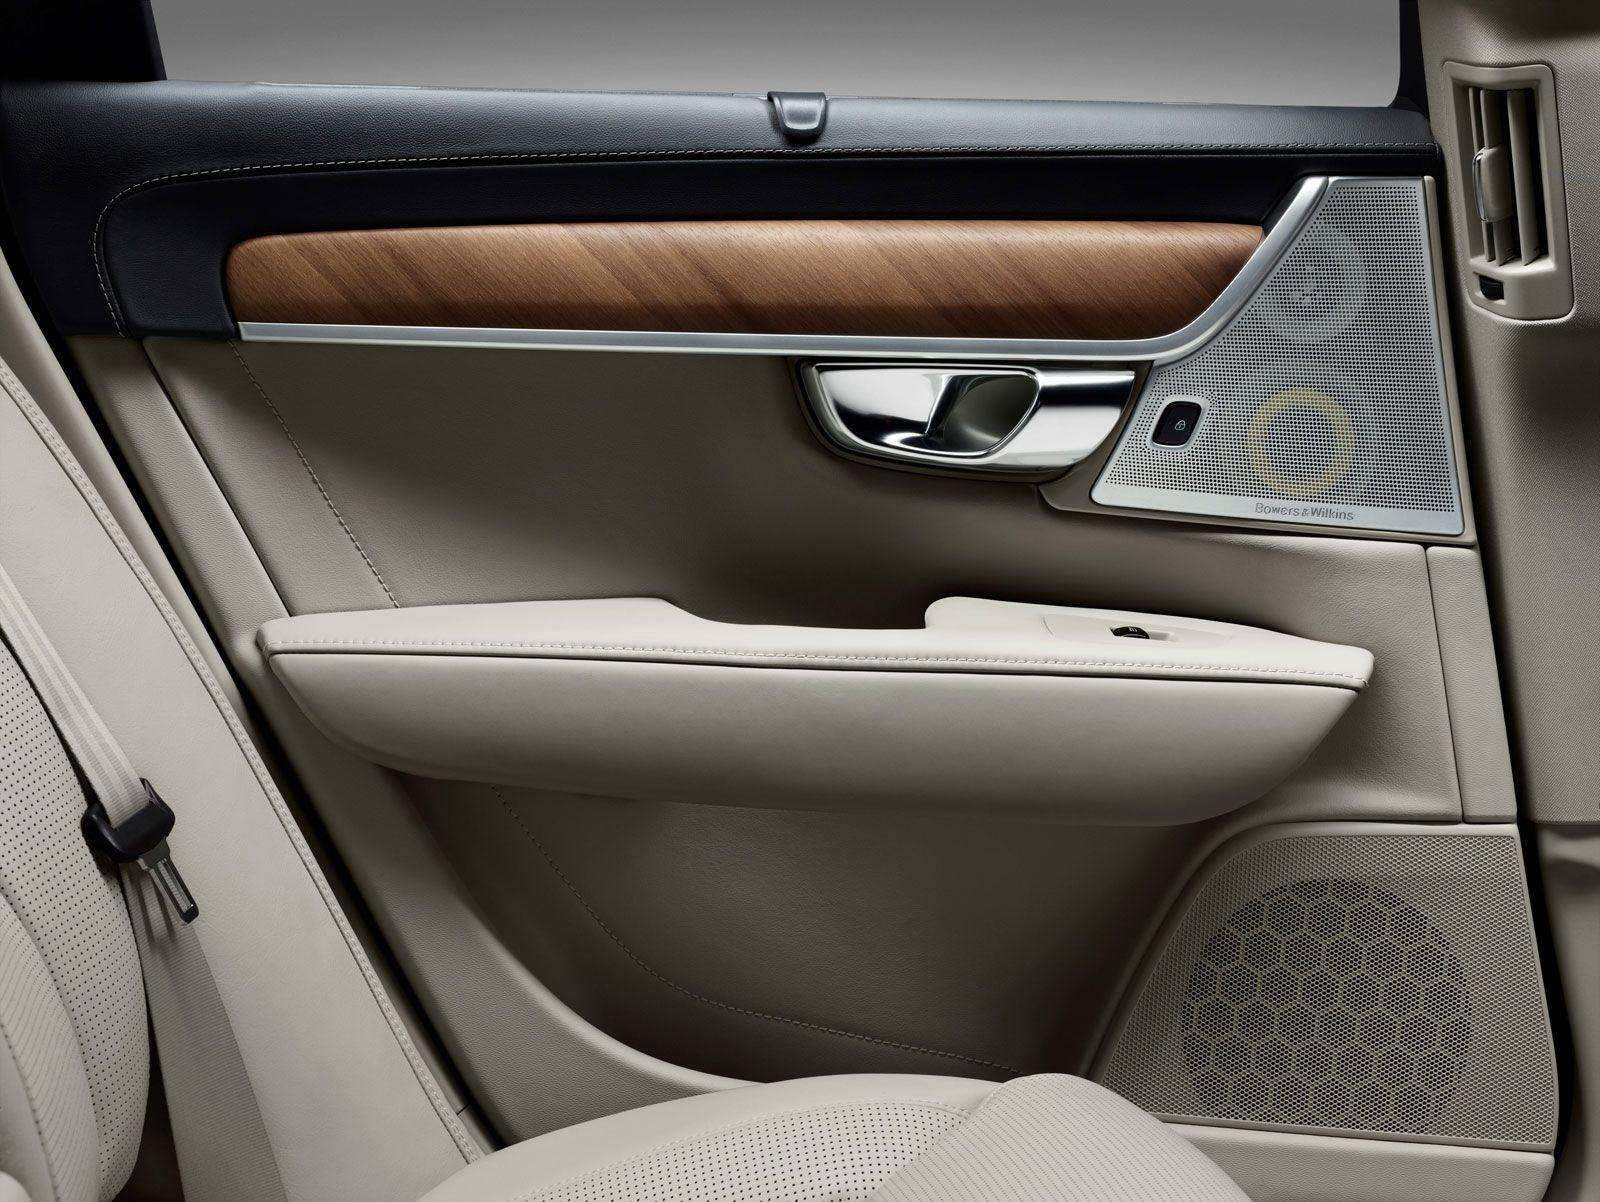 Volvo S90 Interior Rear door panel ファッションアイデア